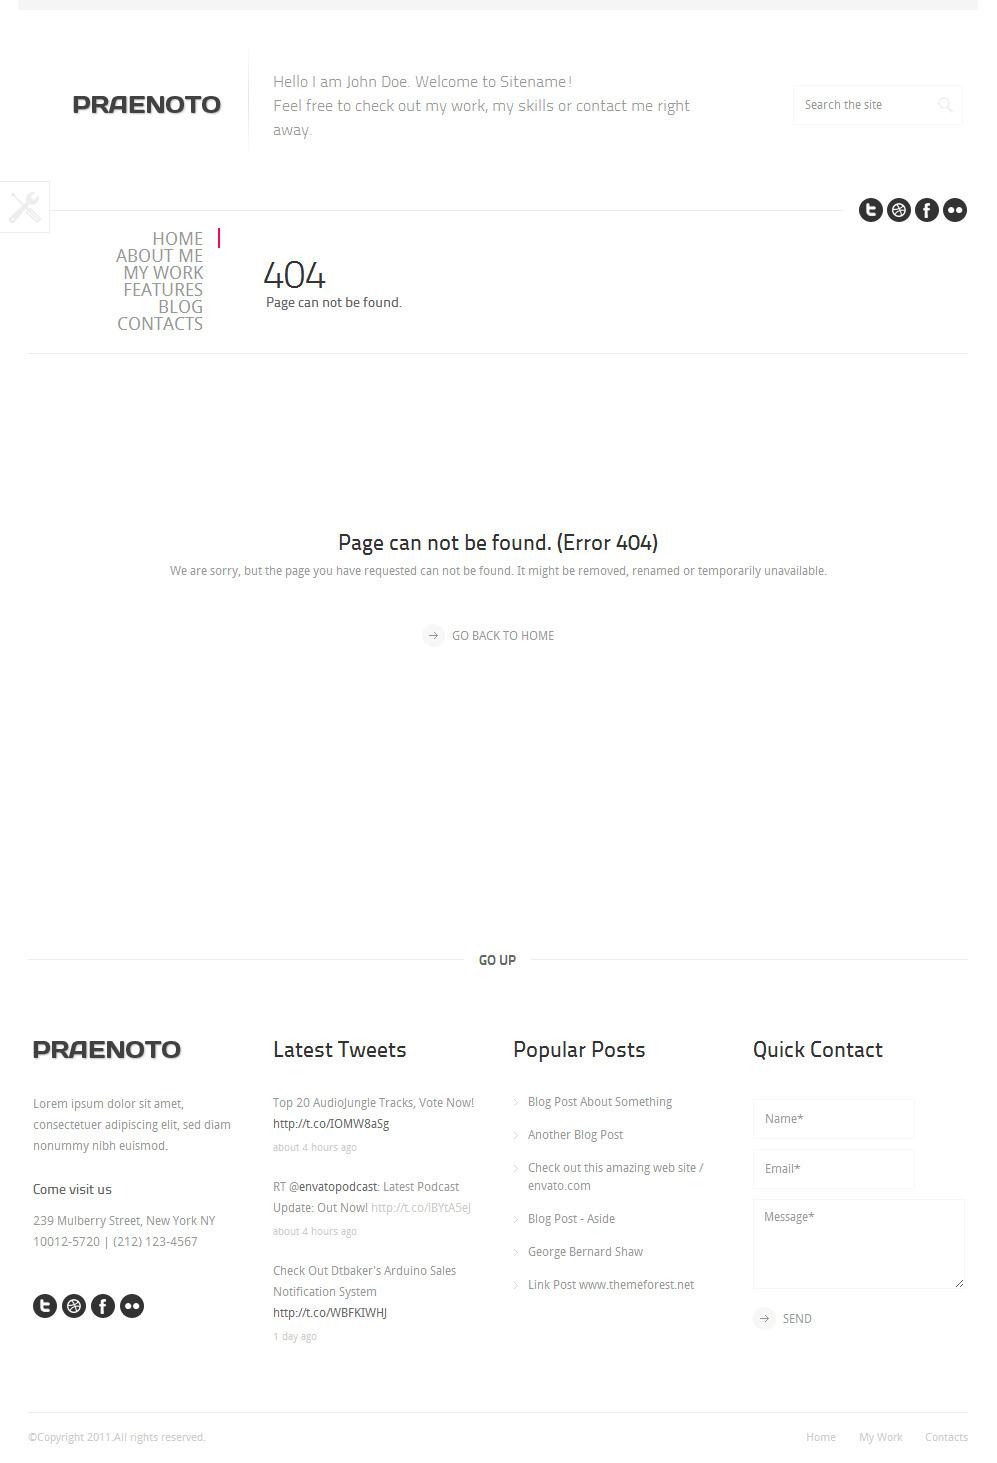 Praenoto - Clean & Minimalist WordPress Theme - Screenshot 8. 404 Page notfound error page.